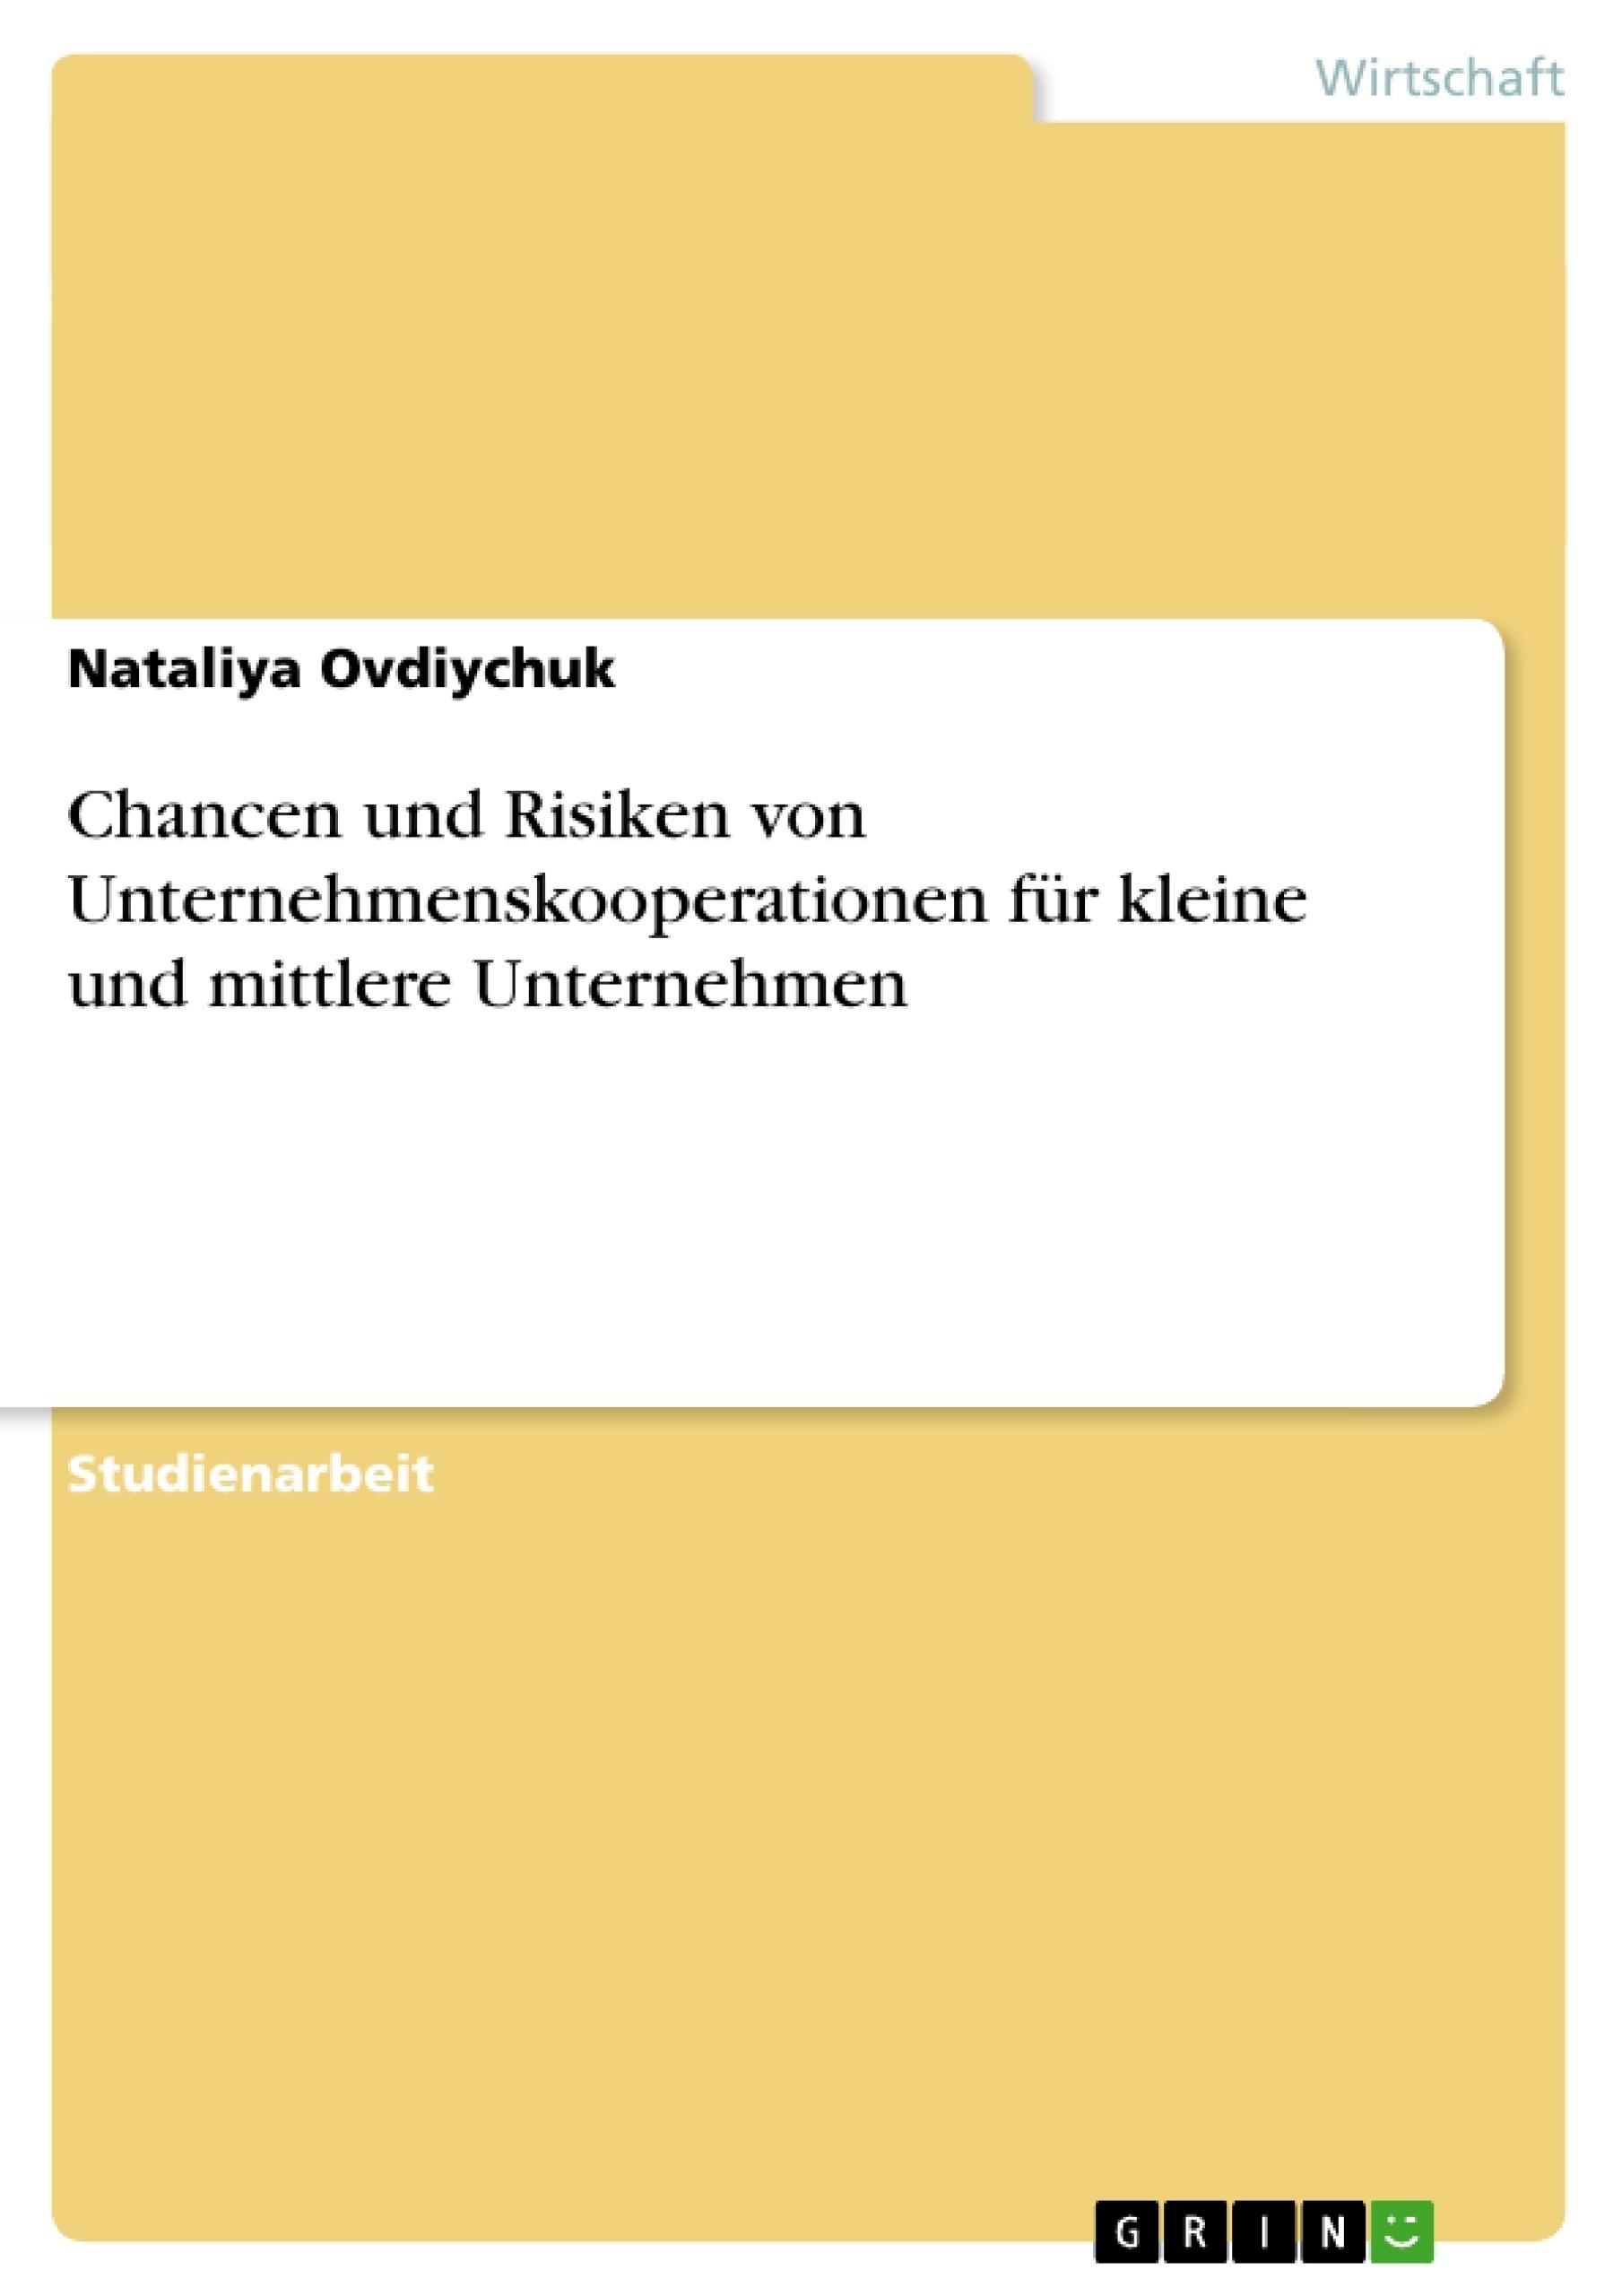 Titel: Chancen und Risiken von Unternehmenskooperationen für kleine und mittlere Unternehmen